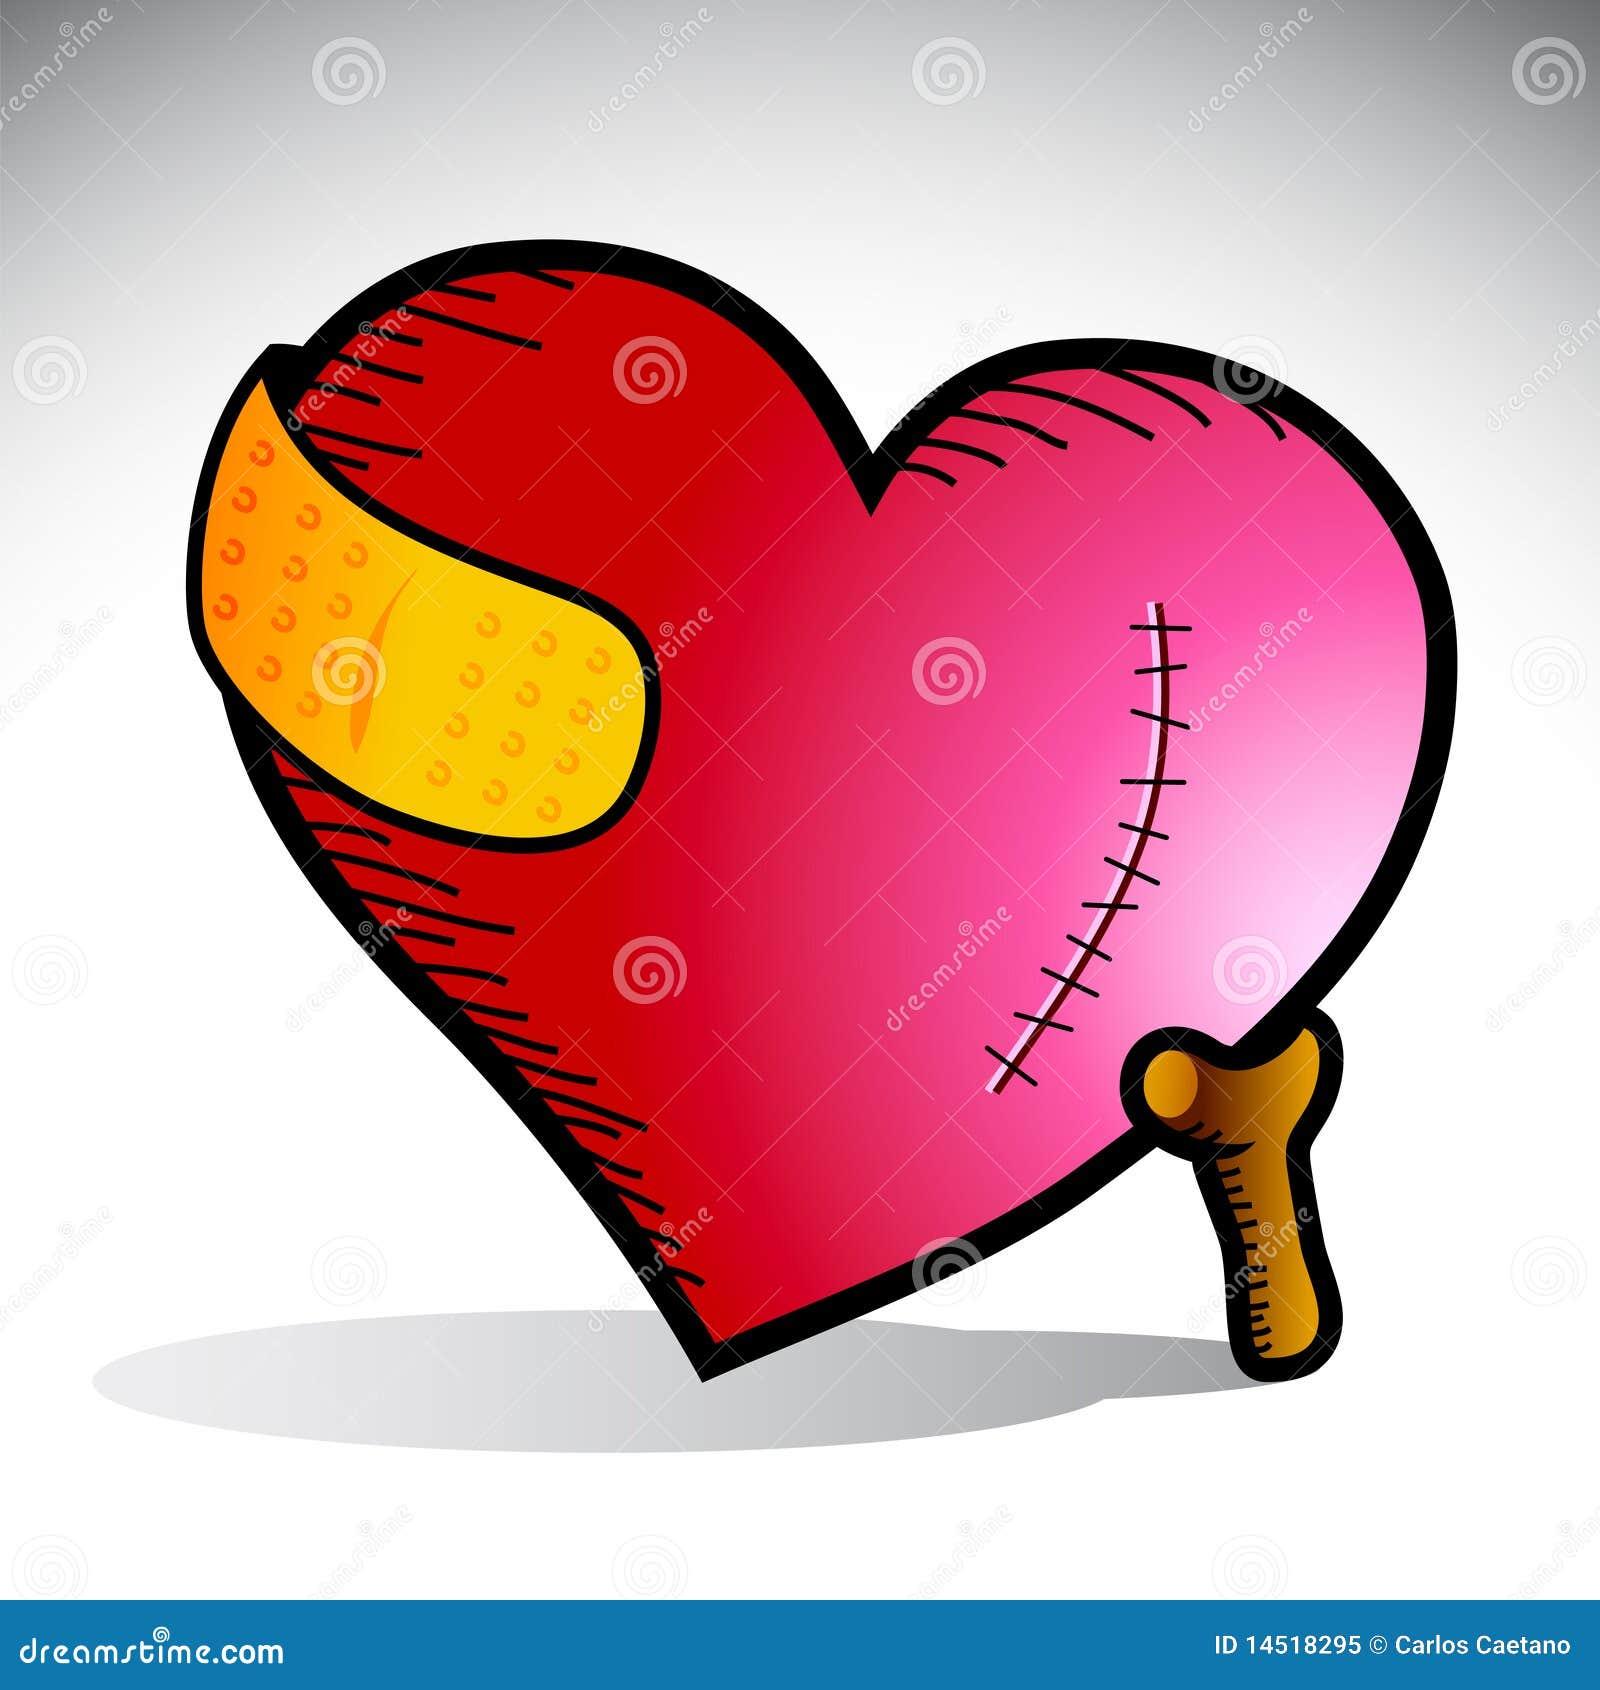 Heart Pain Royalty Free Stock